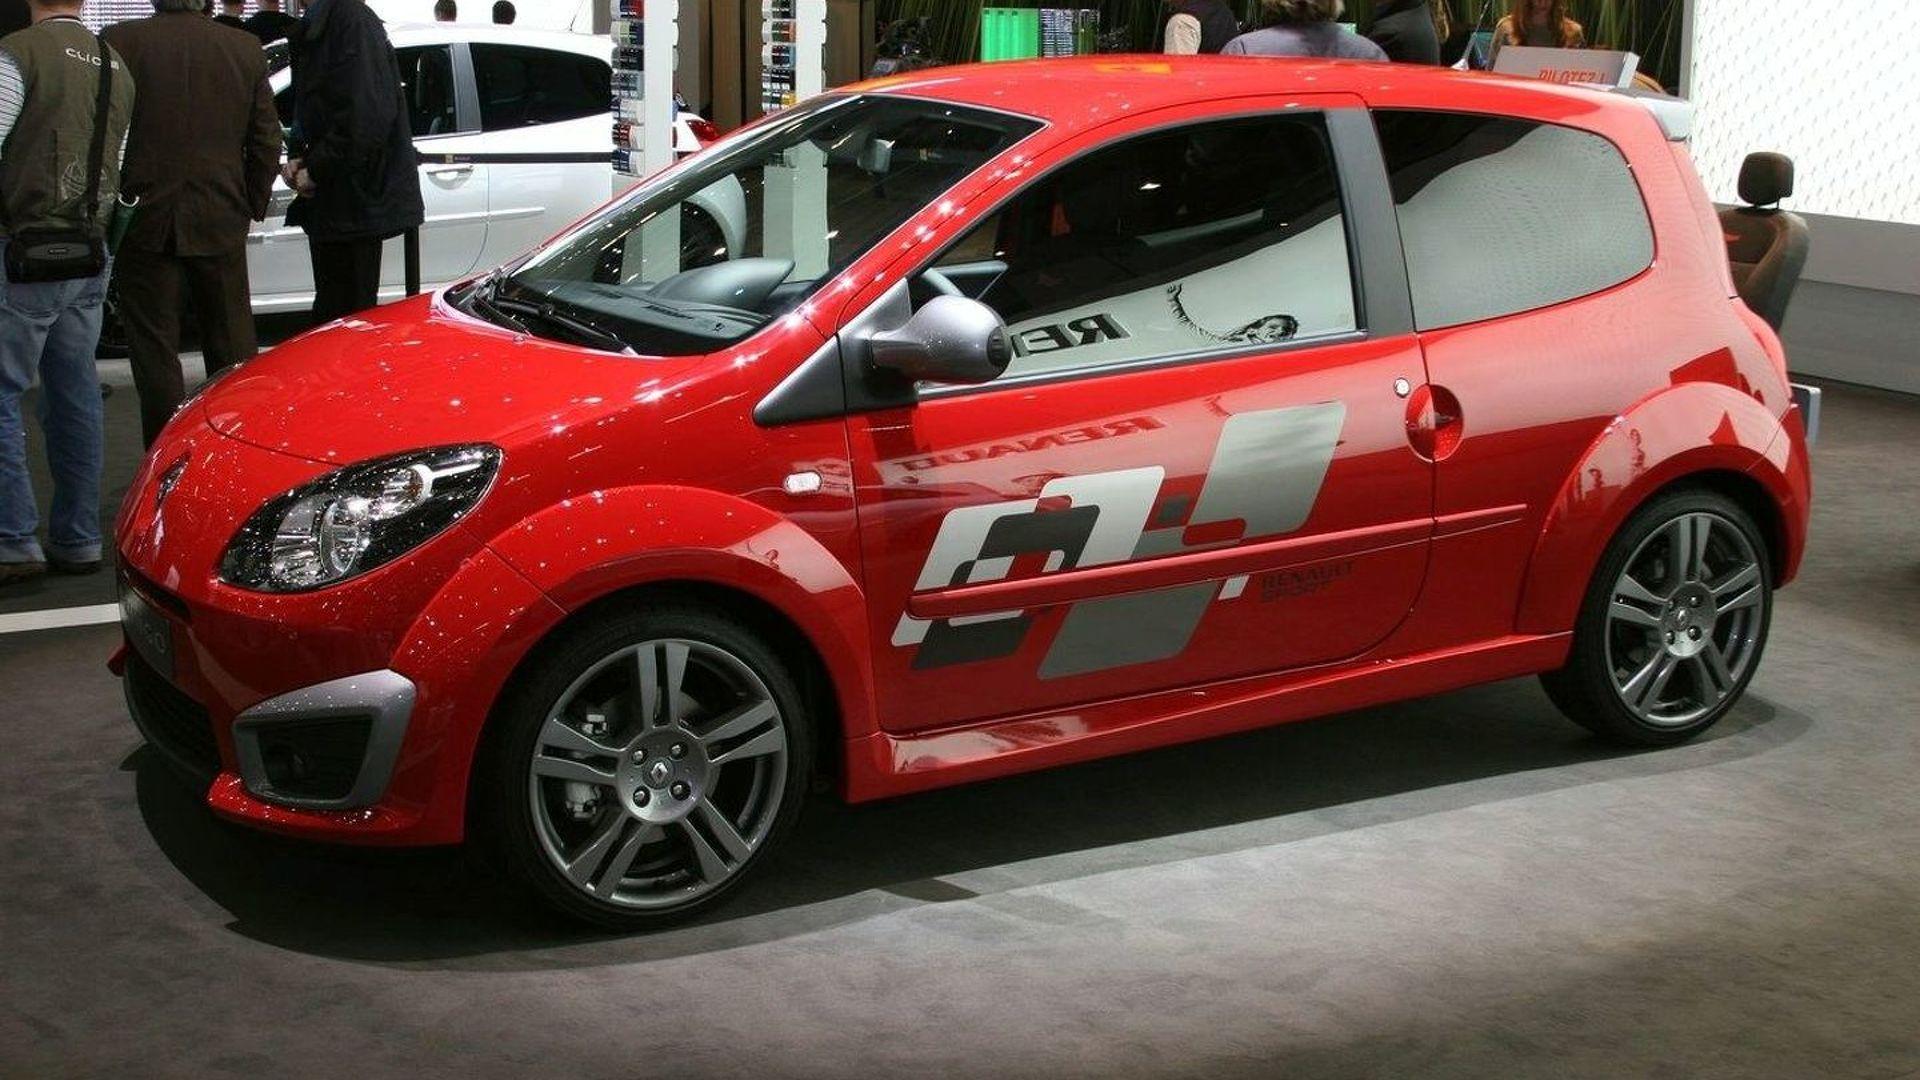 Renault Twingo RenaultSport revs up Geneva